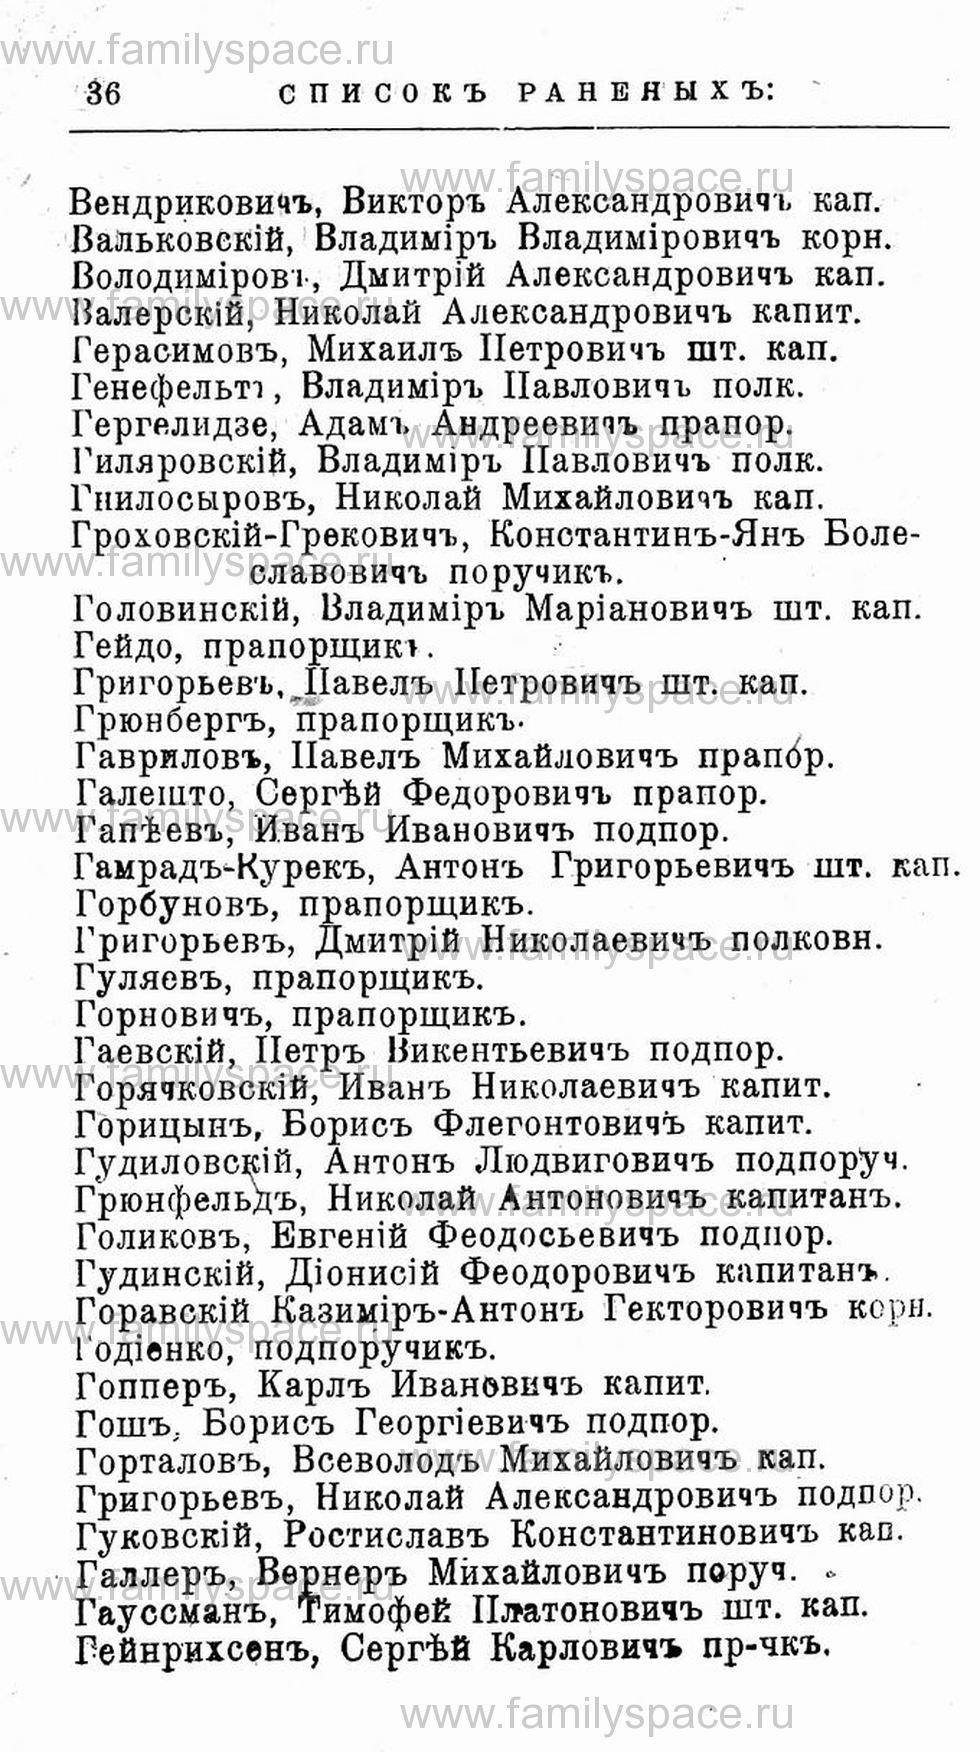 Поиск по фамилии - Первая мировая война - 1914 (списки убитых и раненых), страница 36